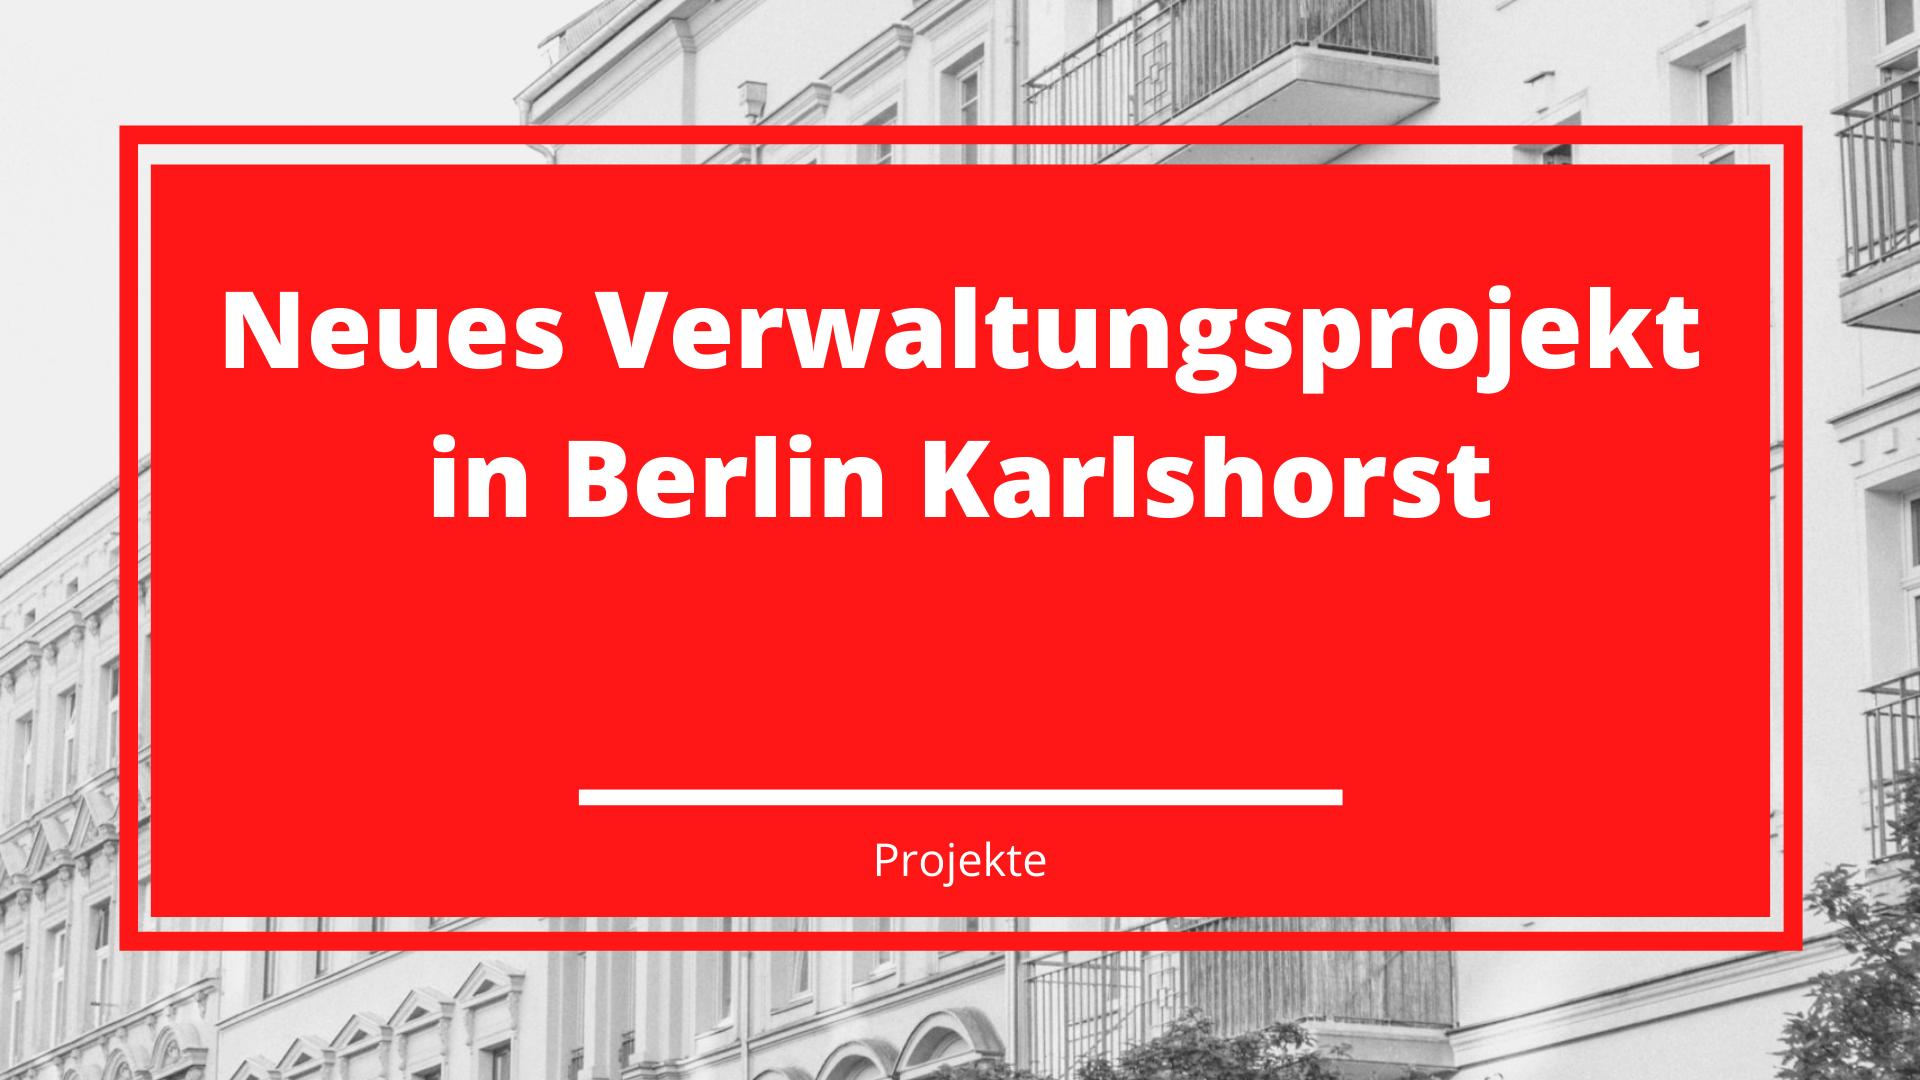 Neues Verwaltungsprojekt in Berlin Karlshorst